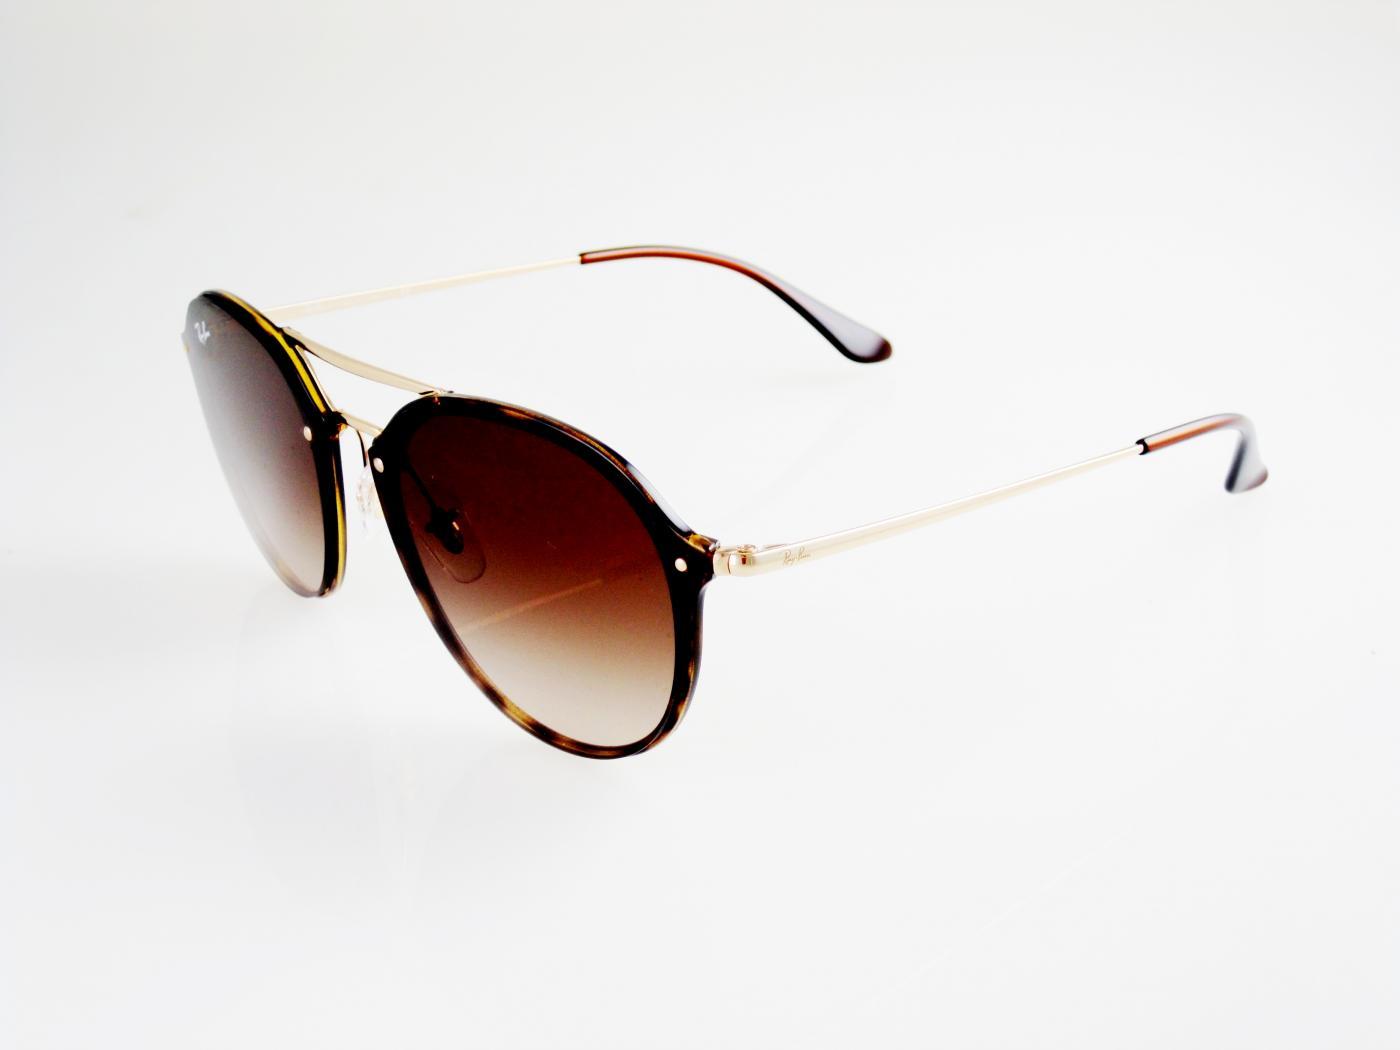 85150e62b Unisex slnečné okuliare Ray Ban - Blaze Round | oftalens.sk